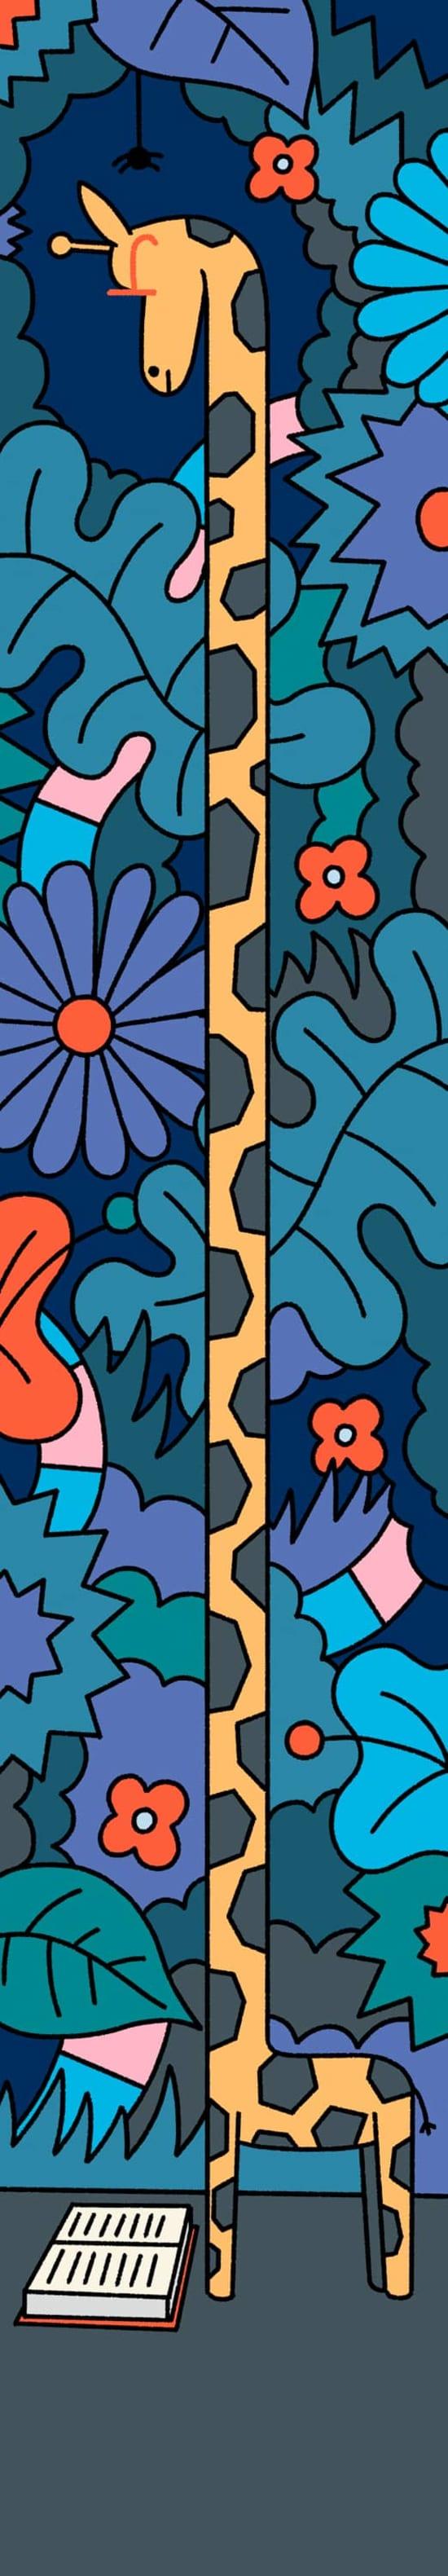 Illustration by Leon Edler